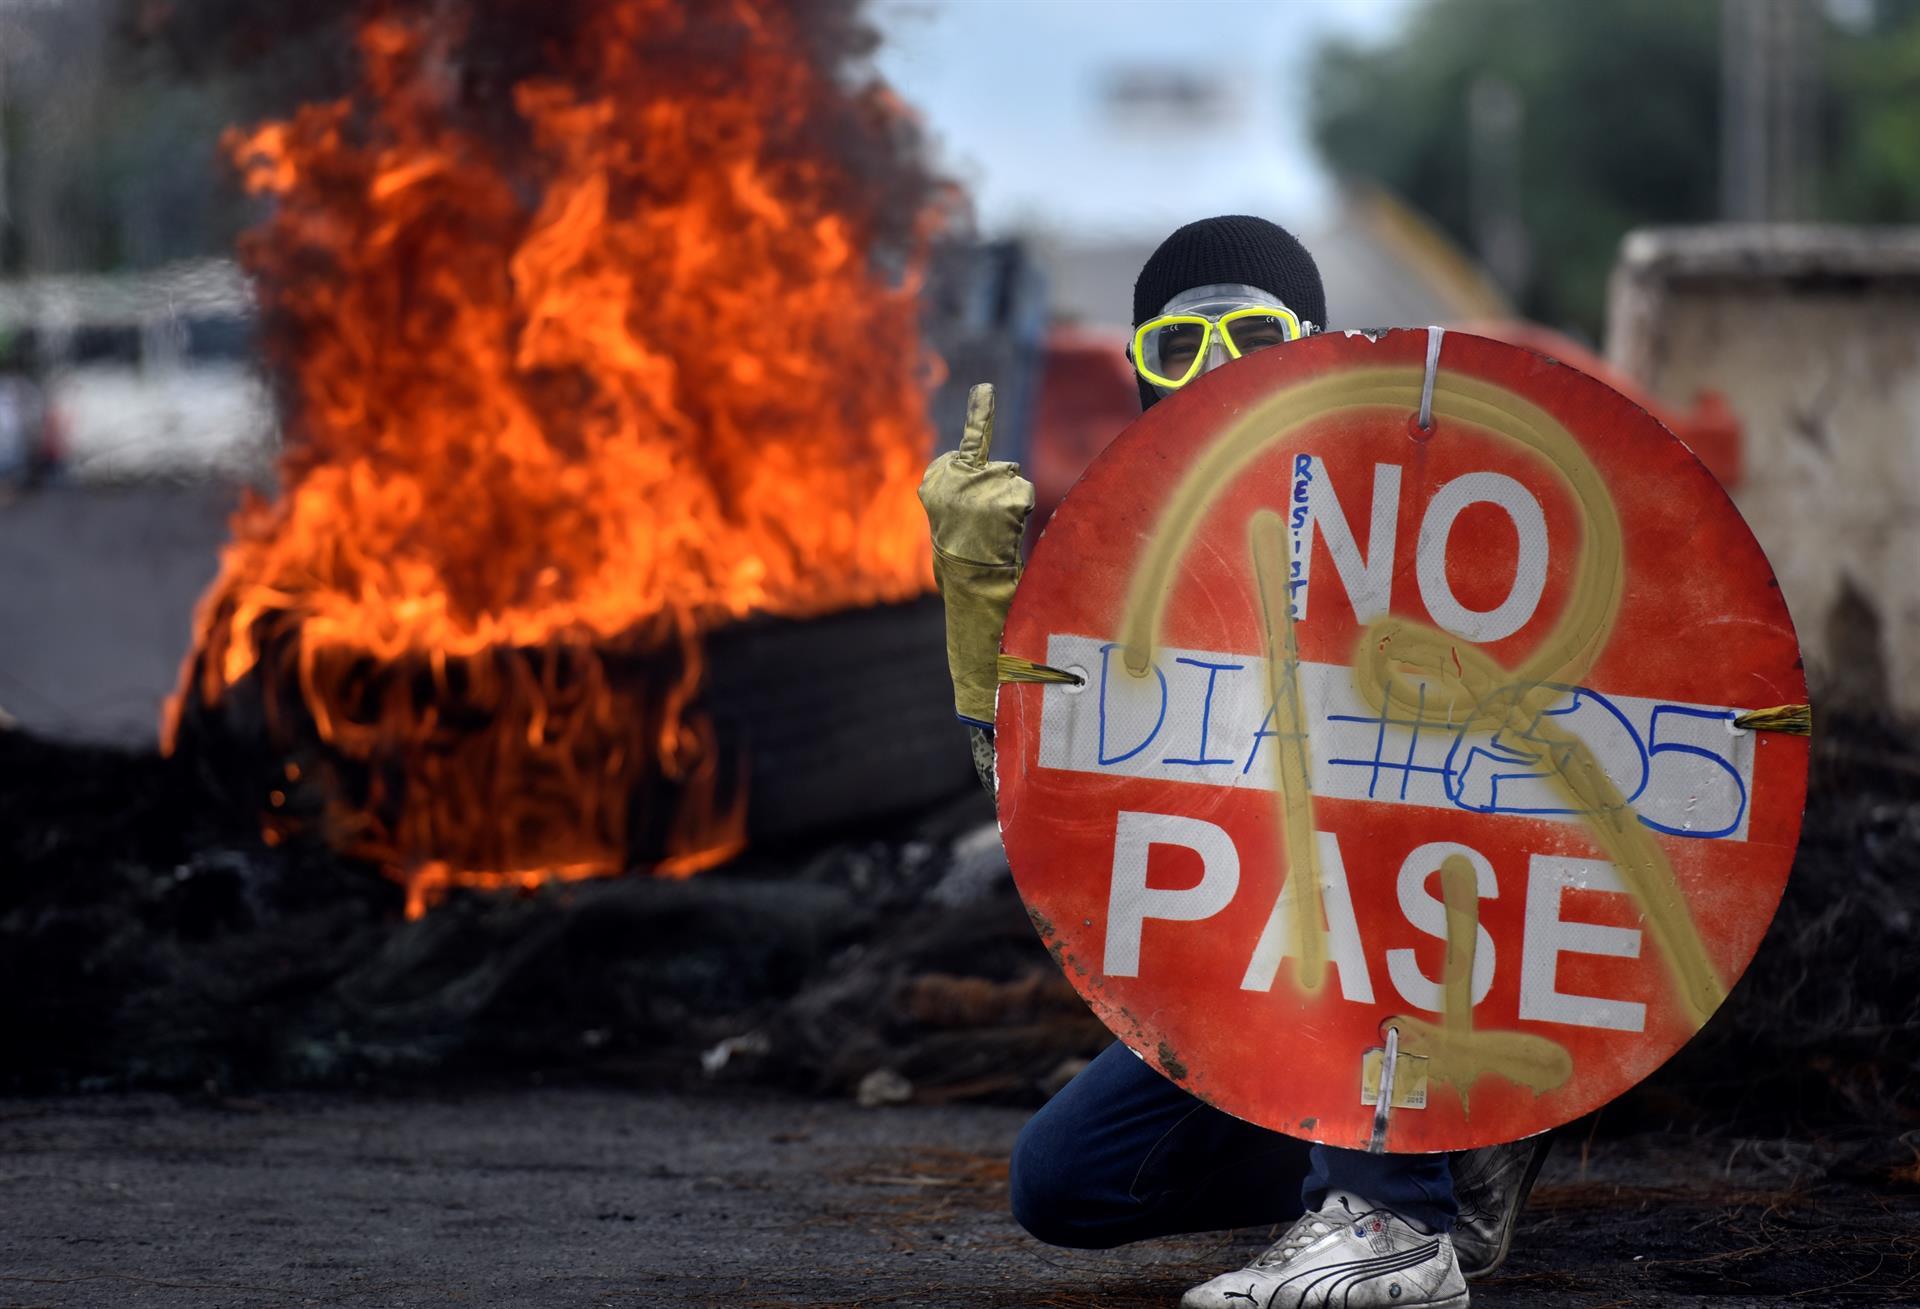 Un manifestante sostiene un aviso durante una protesta reciente en Cali (Colombia).- ERNESTO GUZMÁN / EFE